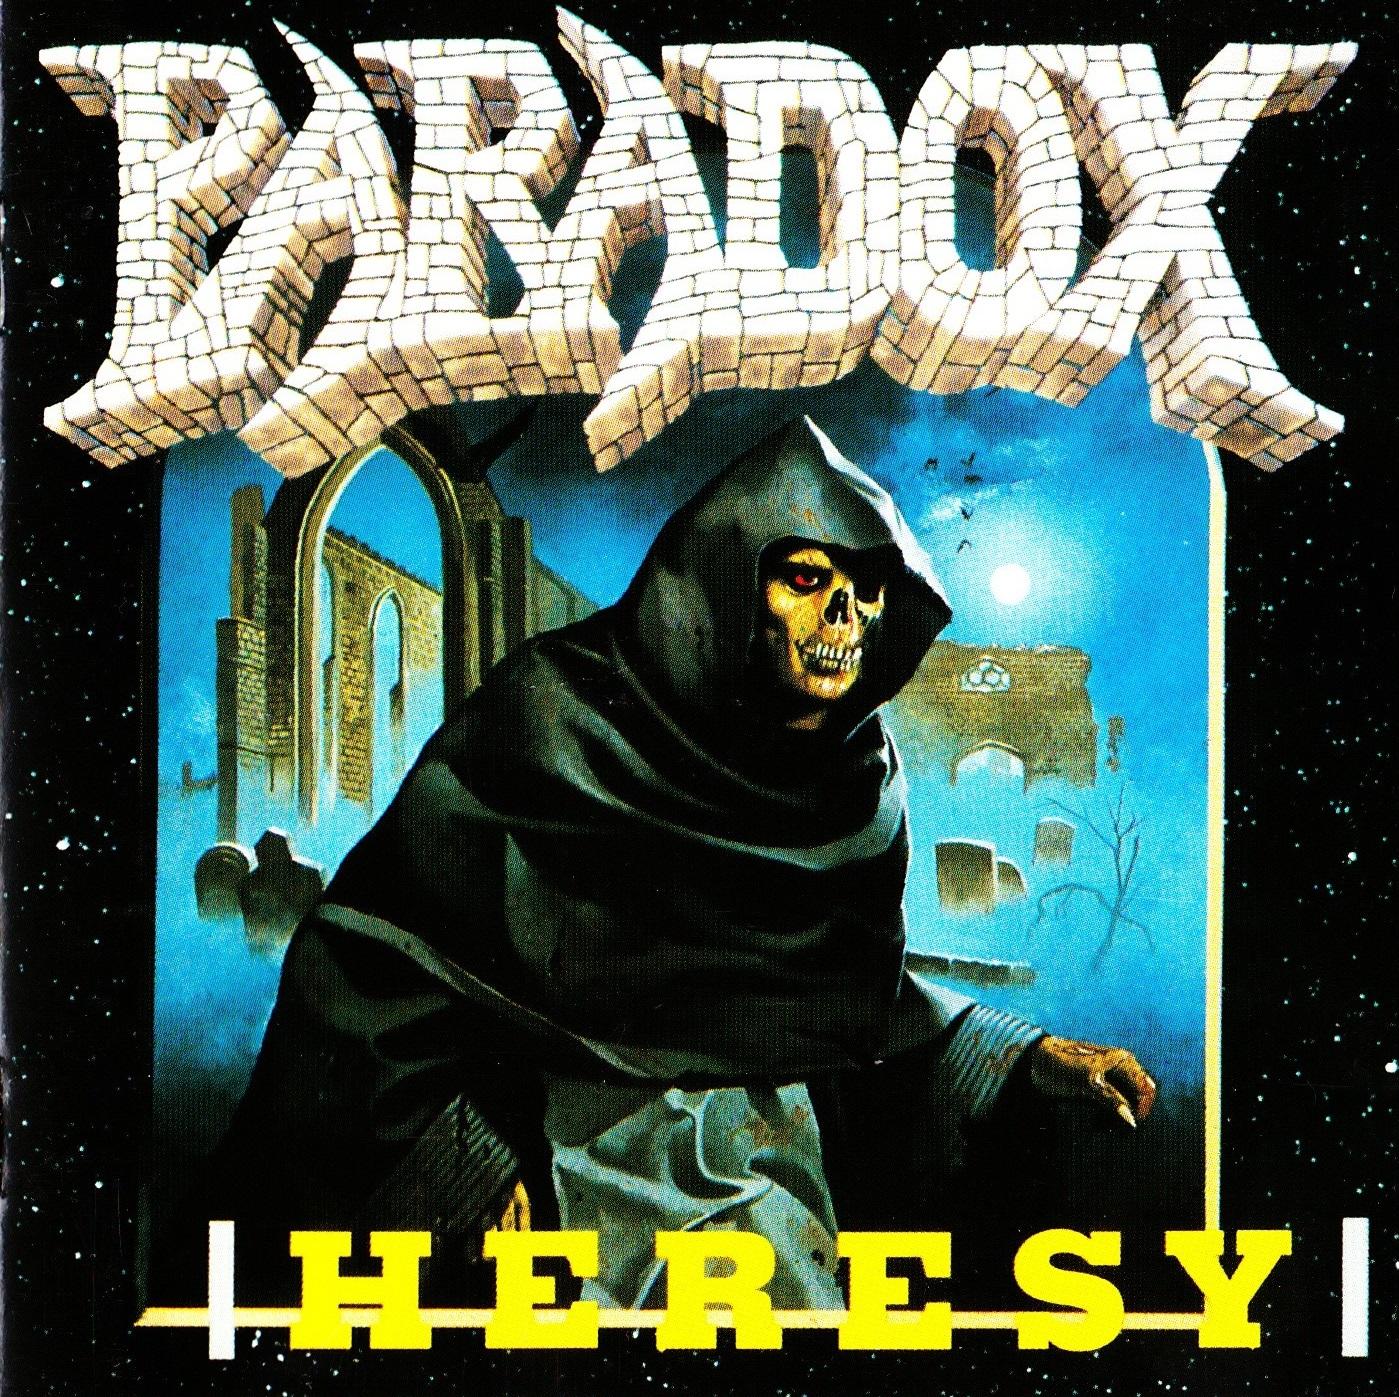 Paradox — Heresy (1989)